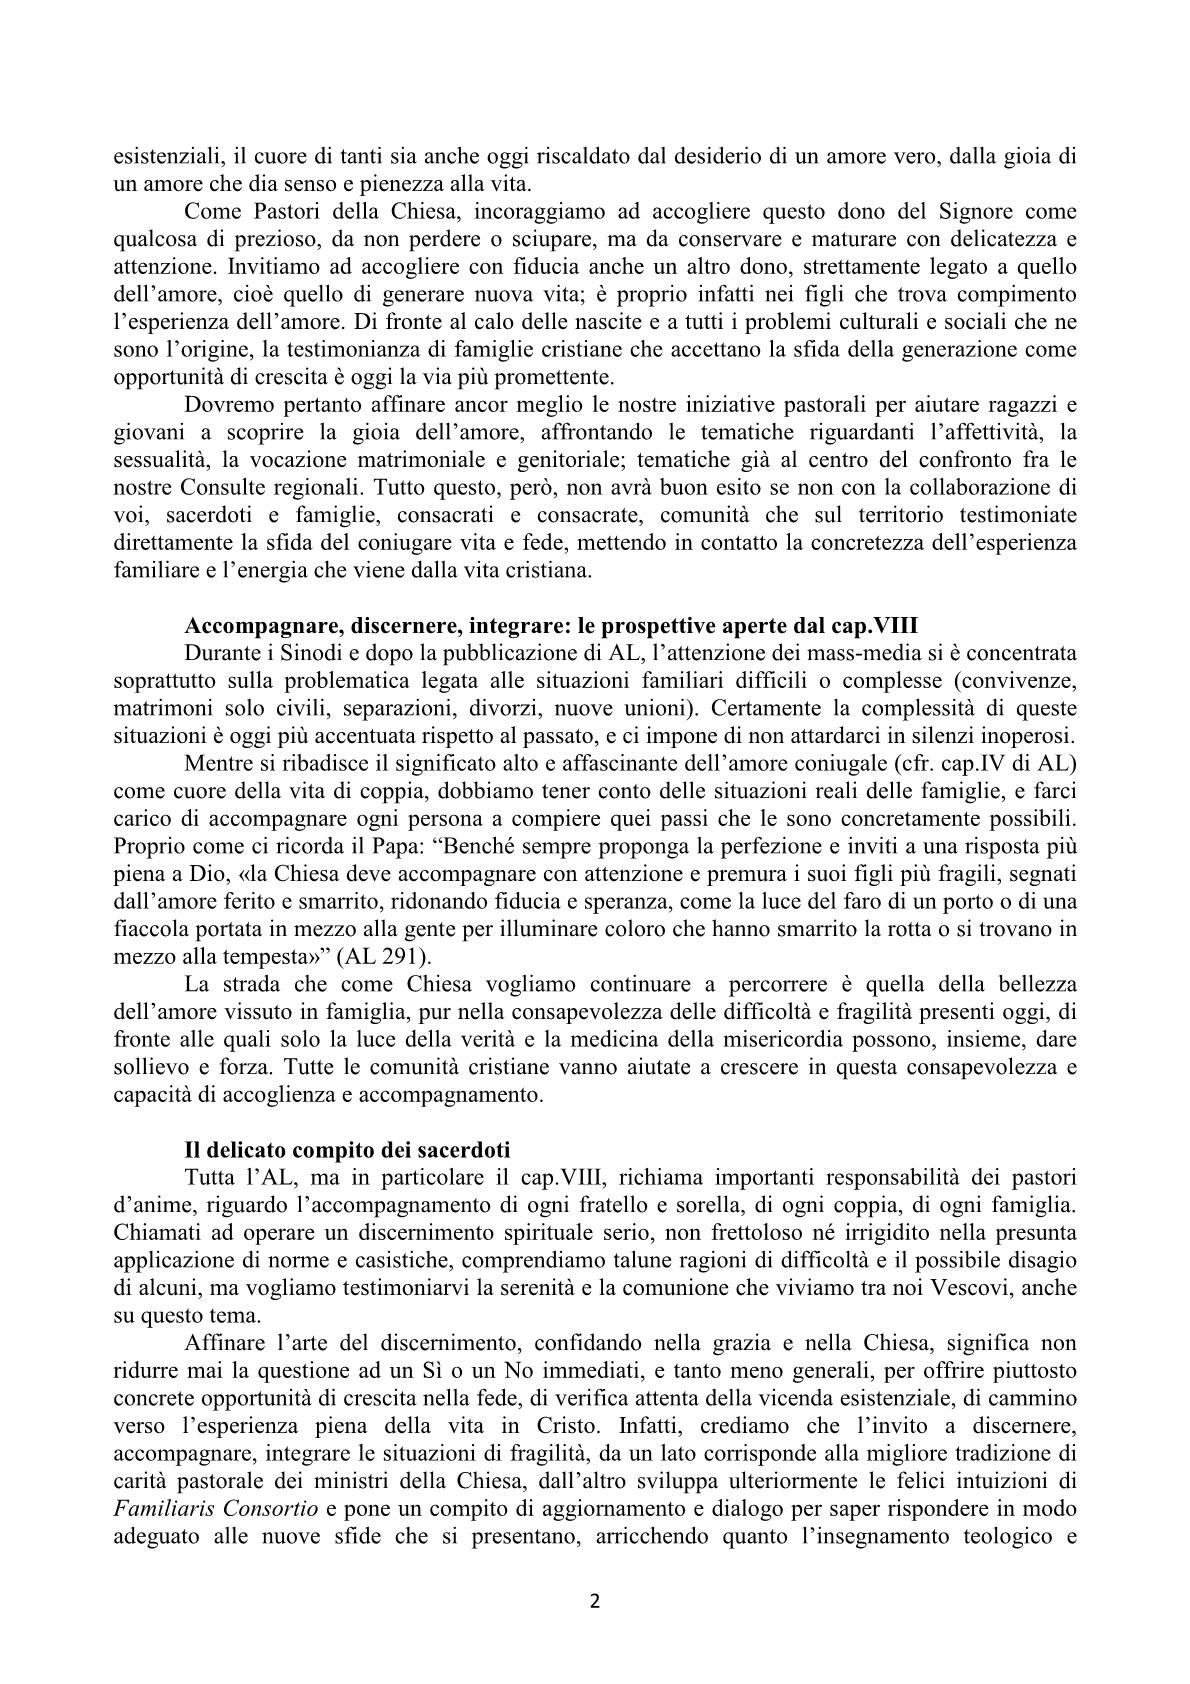 Lettera-dei-Vescovi-Lombardi-sulla-Amoris-Laetitia2